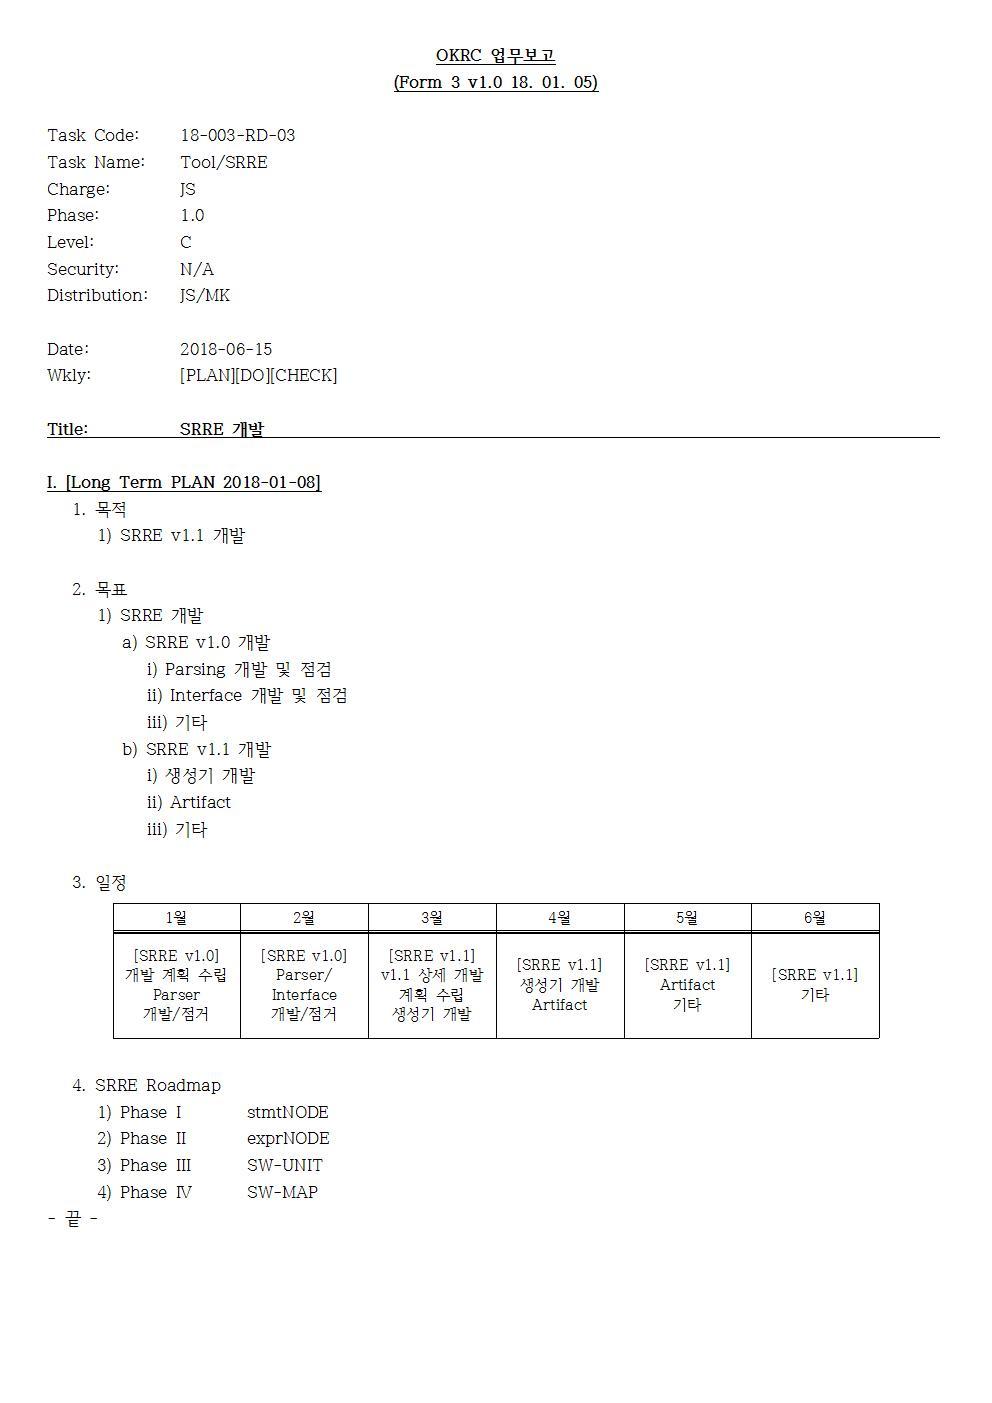 D-[18-003-RD-03]-[SRRE]-[2018-06-15][JS]001.jpg